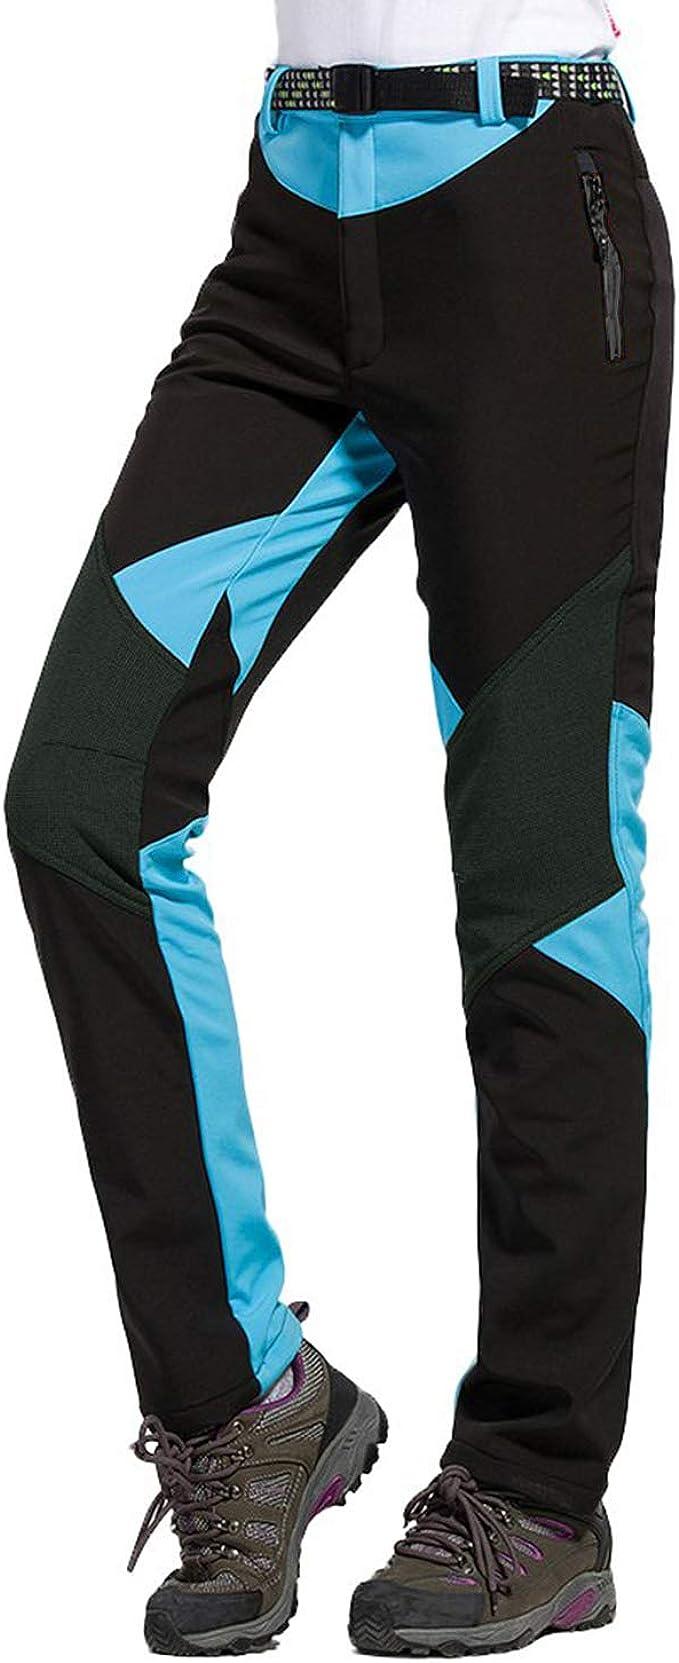 LHHMZ Mujeres Pantalones Impermeables de Senderismo Transpirable Ligero Deportes al Aire Libre Secado rápido Pantalones Trekking De Escalada